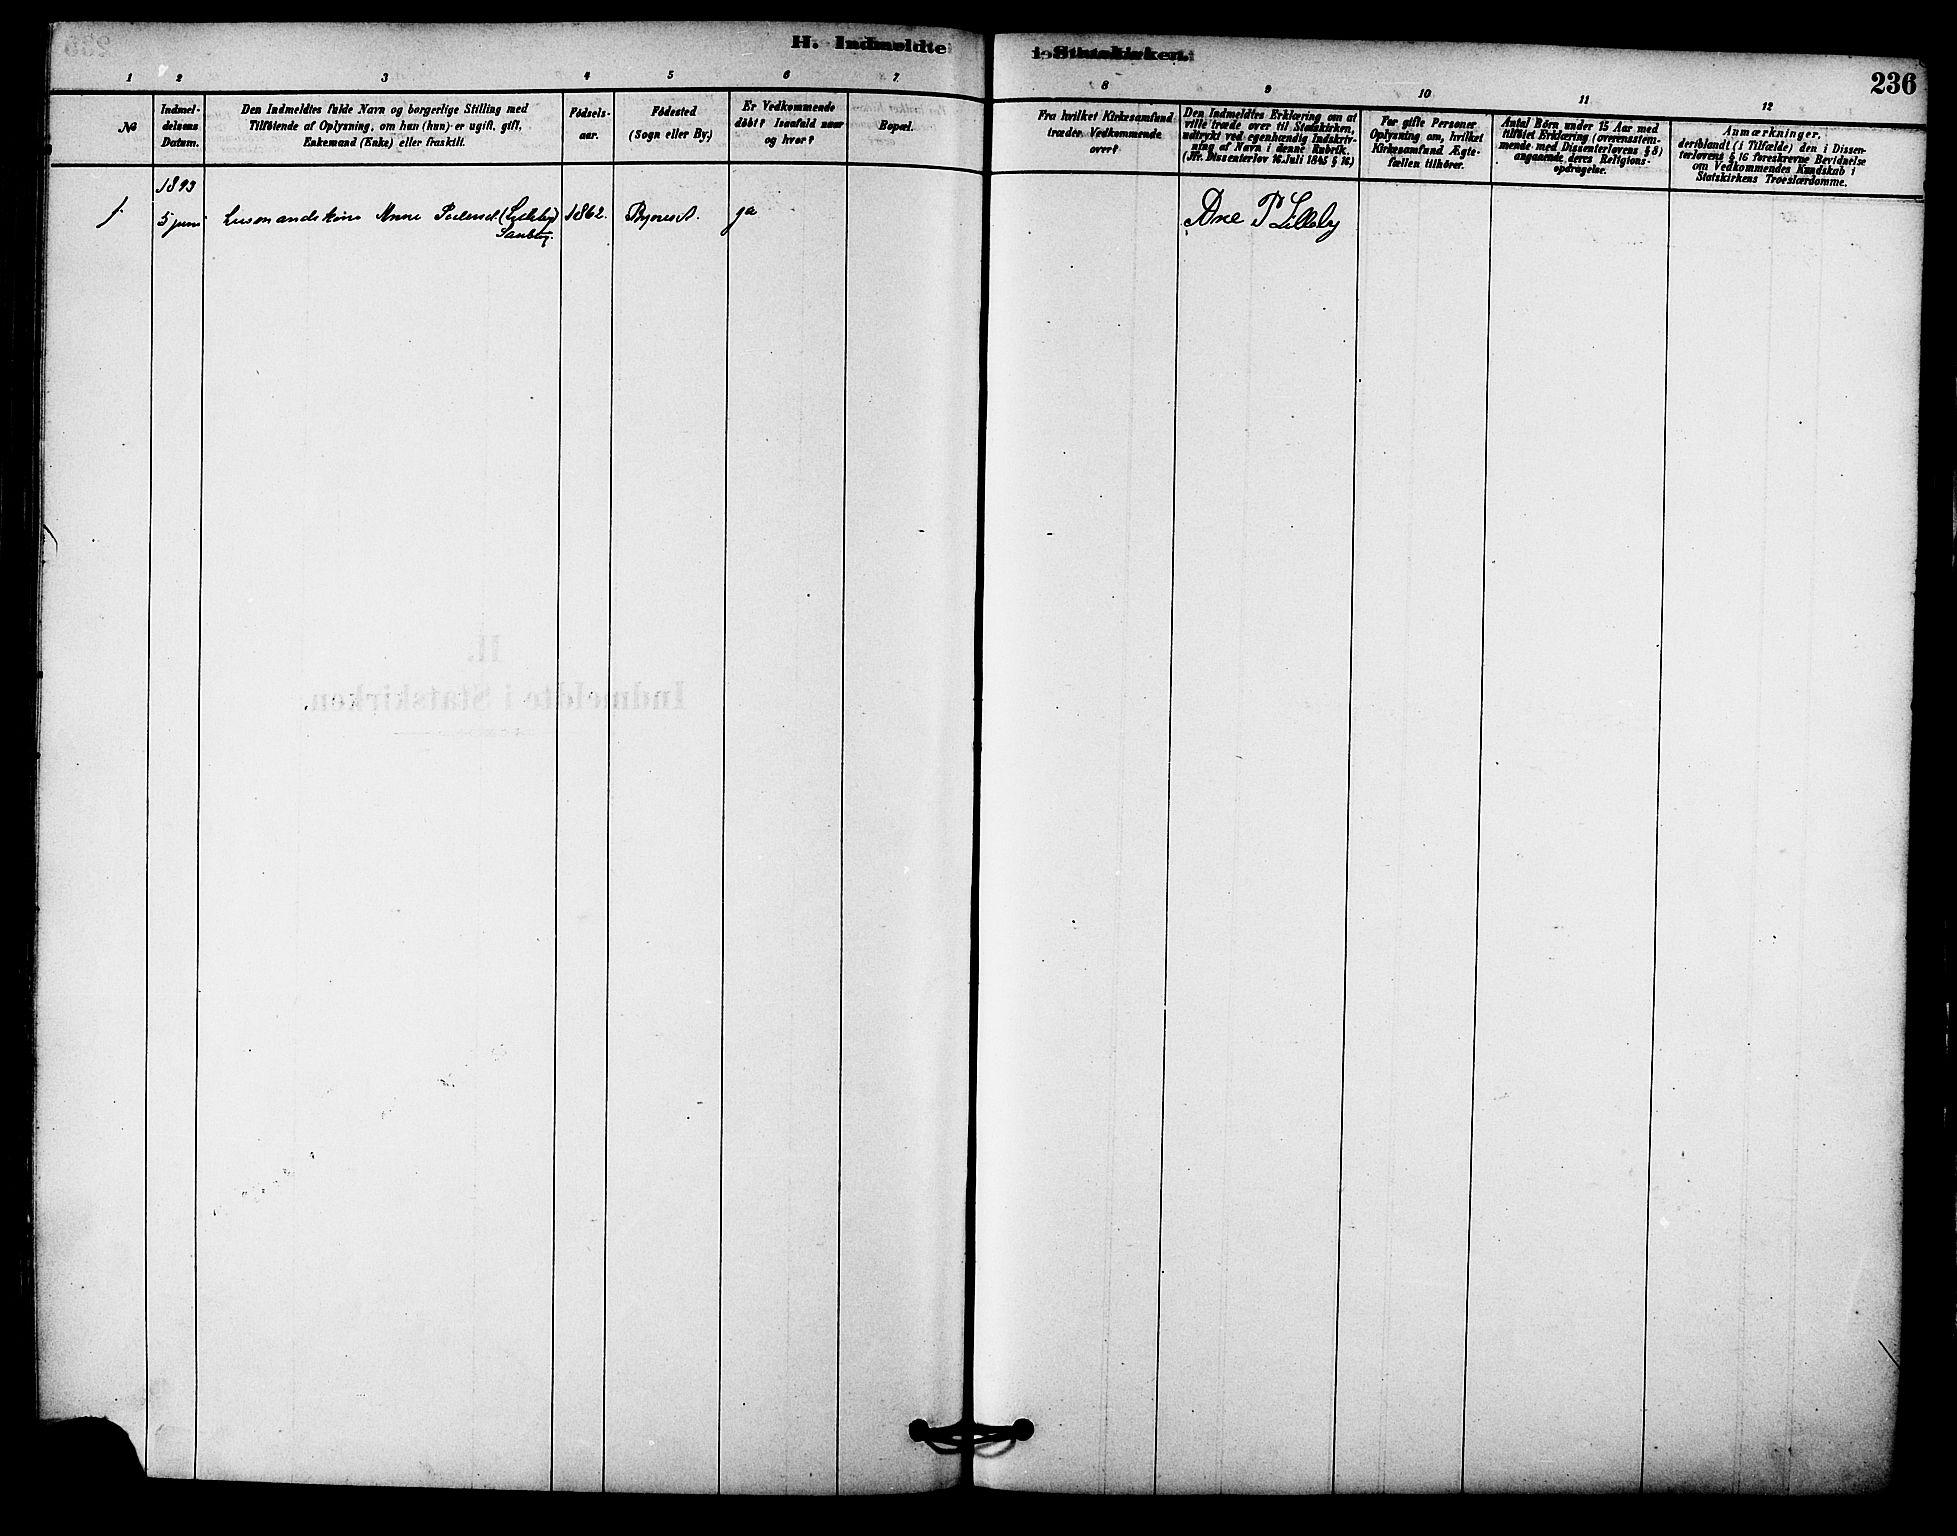 SAT, Ministerialprotokoller, klokkerbøker og fødselsregistre - Sør-Trøndelag, 612/L0378: Ministerialbok nr. 612A10, 1878-1897, s. 236